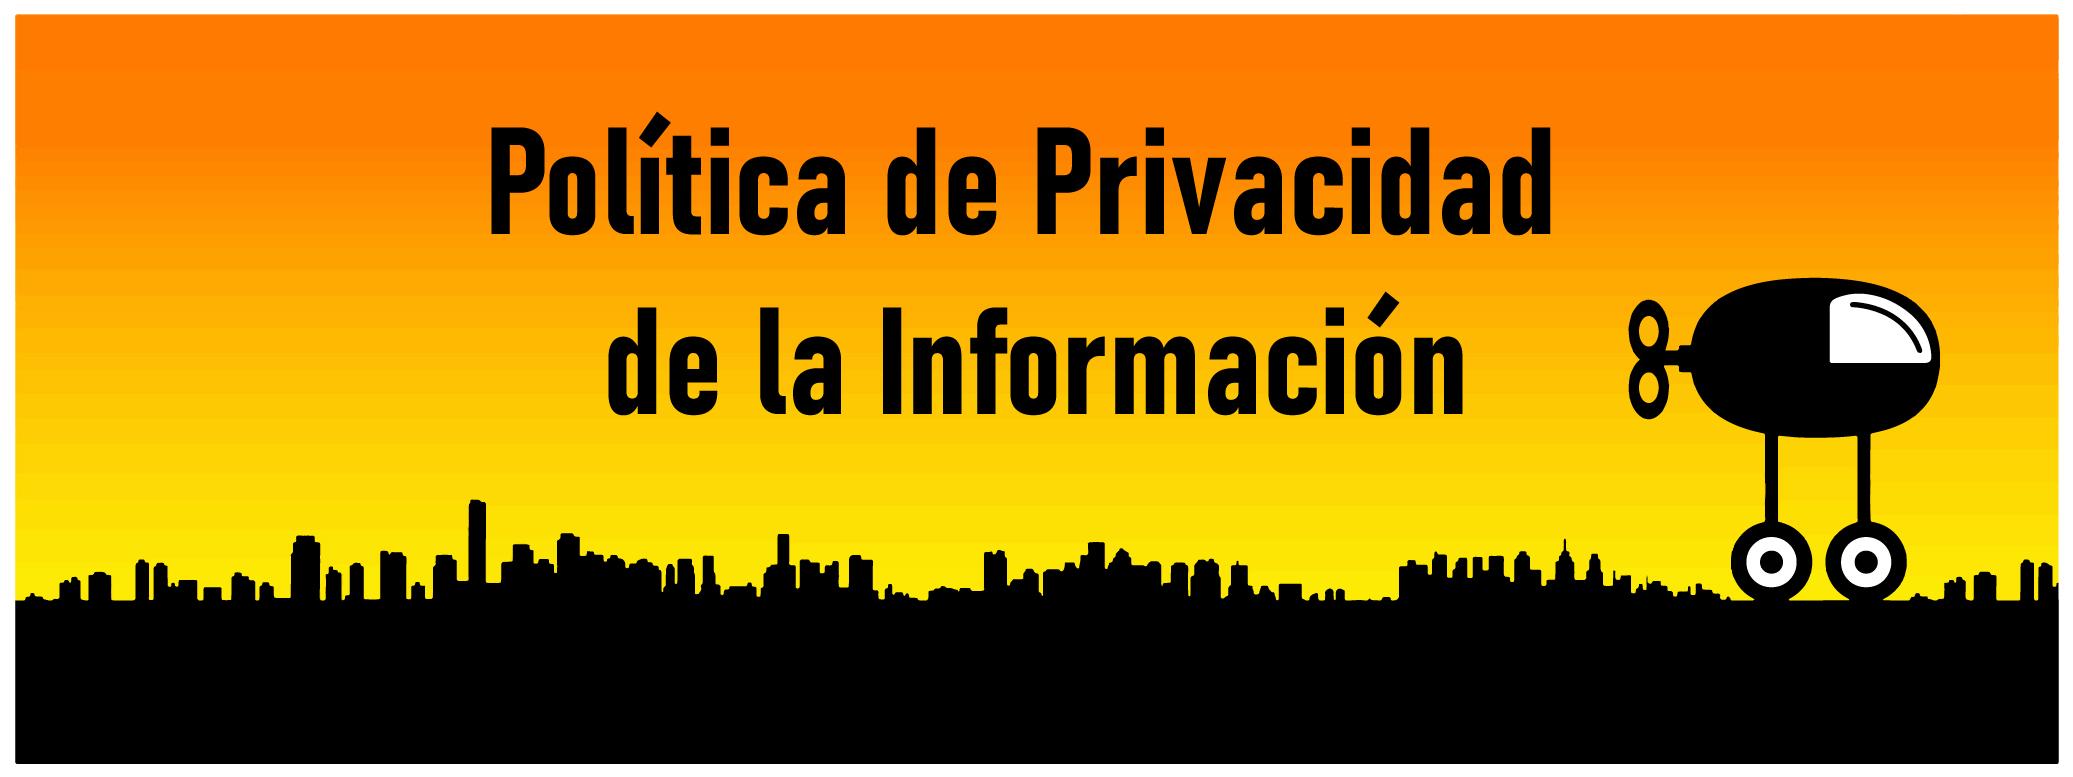 Política de Privacidad de la Información